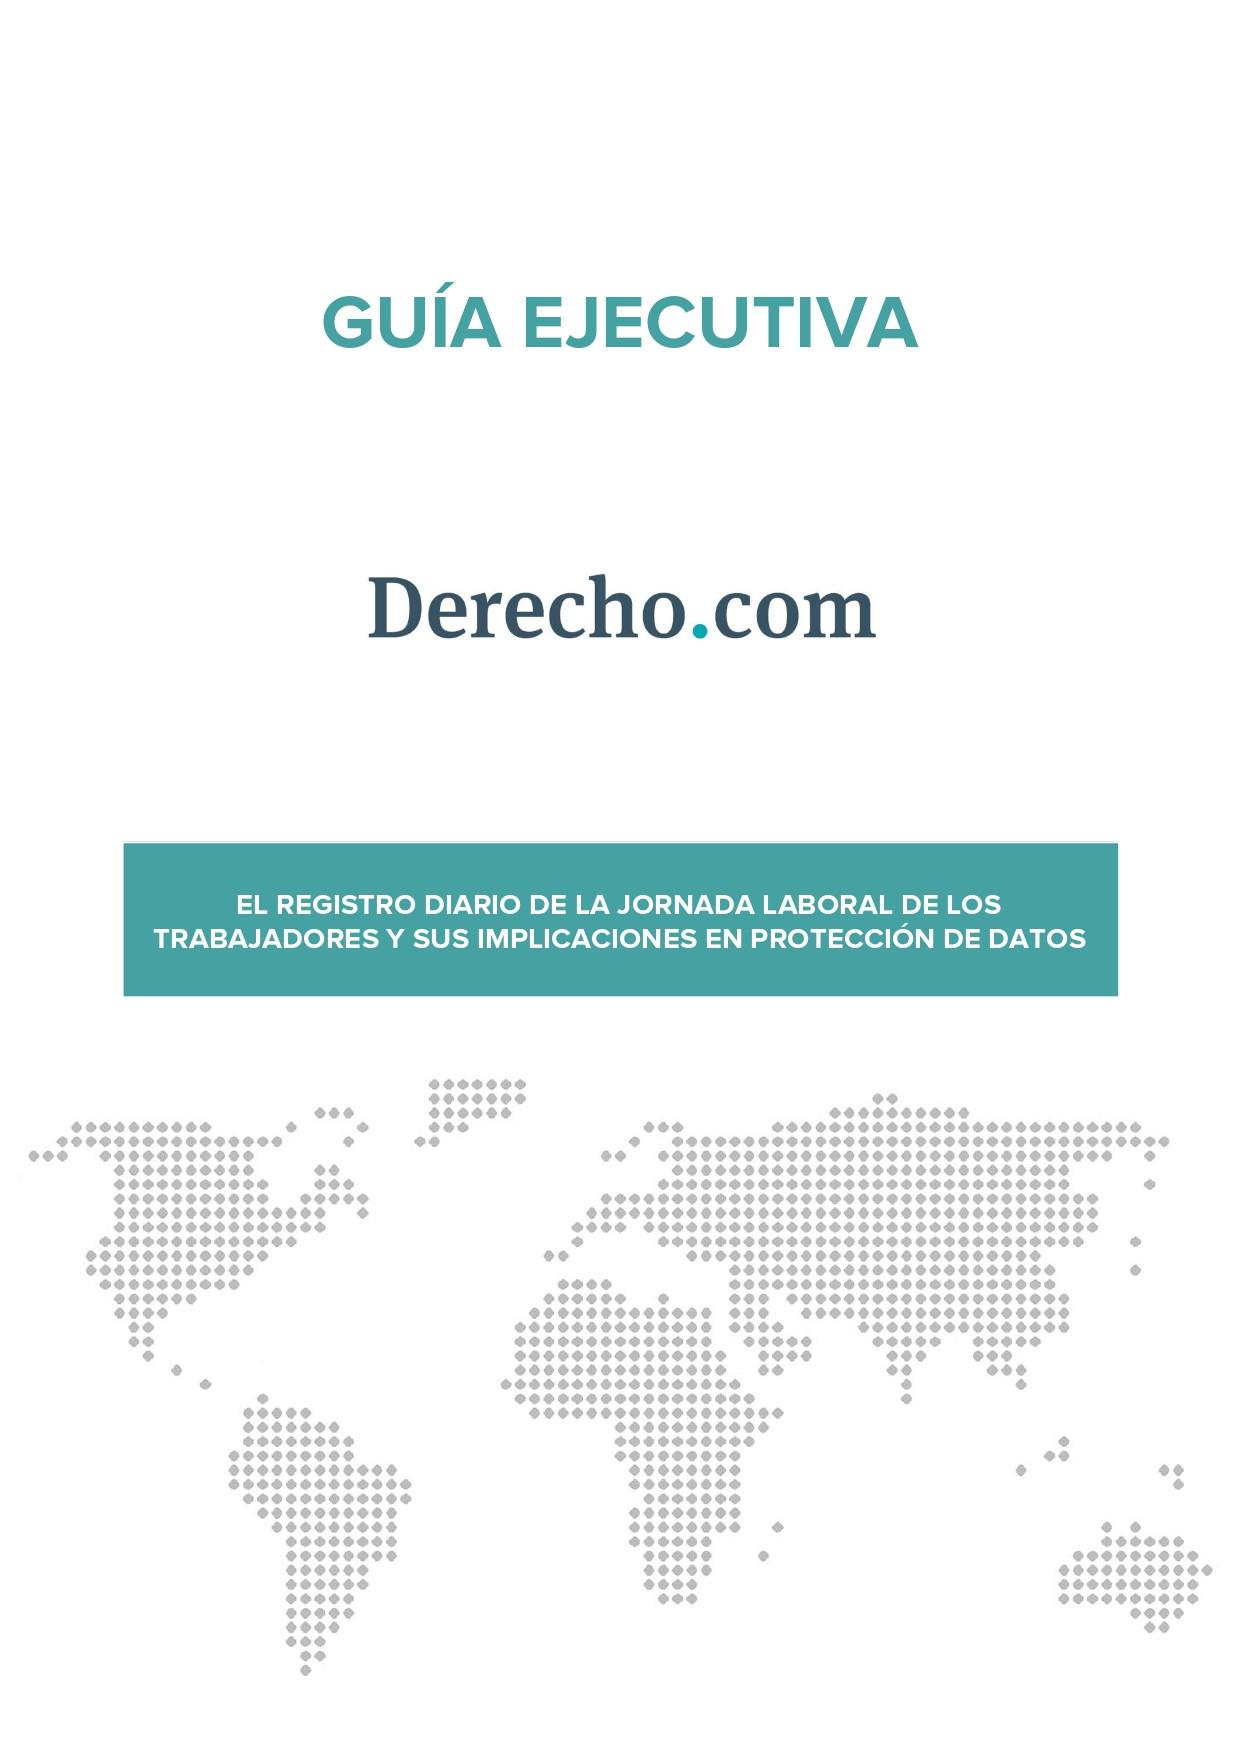 Guía ejecutiva sobre el registro diario de la jornada laboral de los trabajadores y sus implicaciones en protección de datos (Documento electrónico)